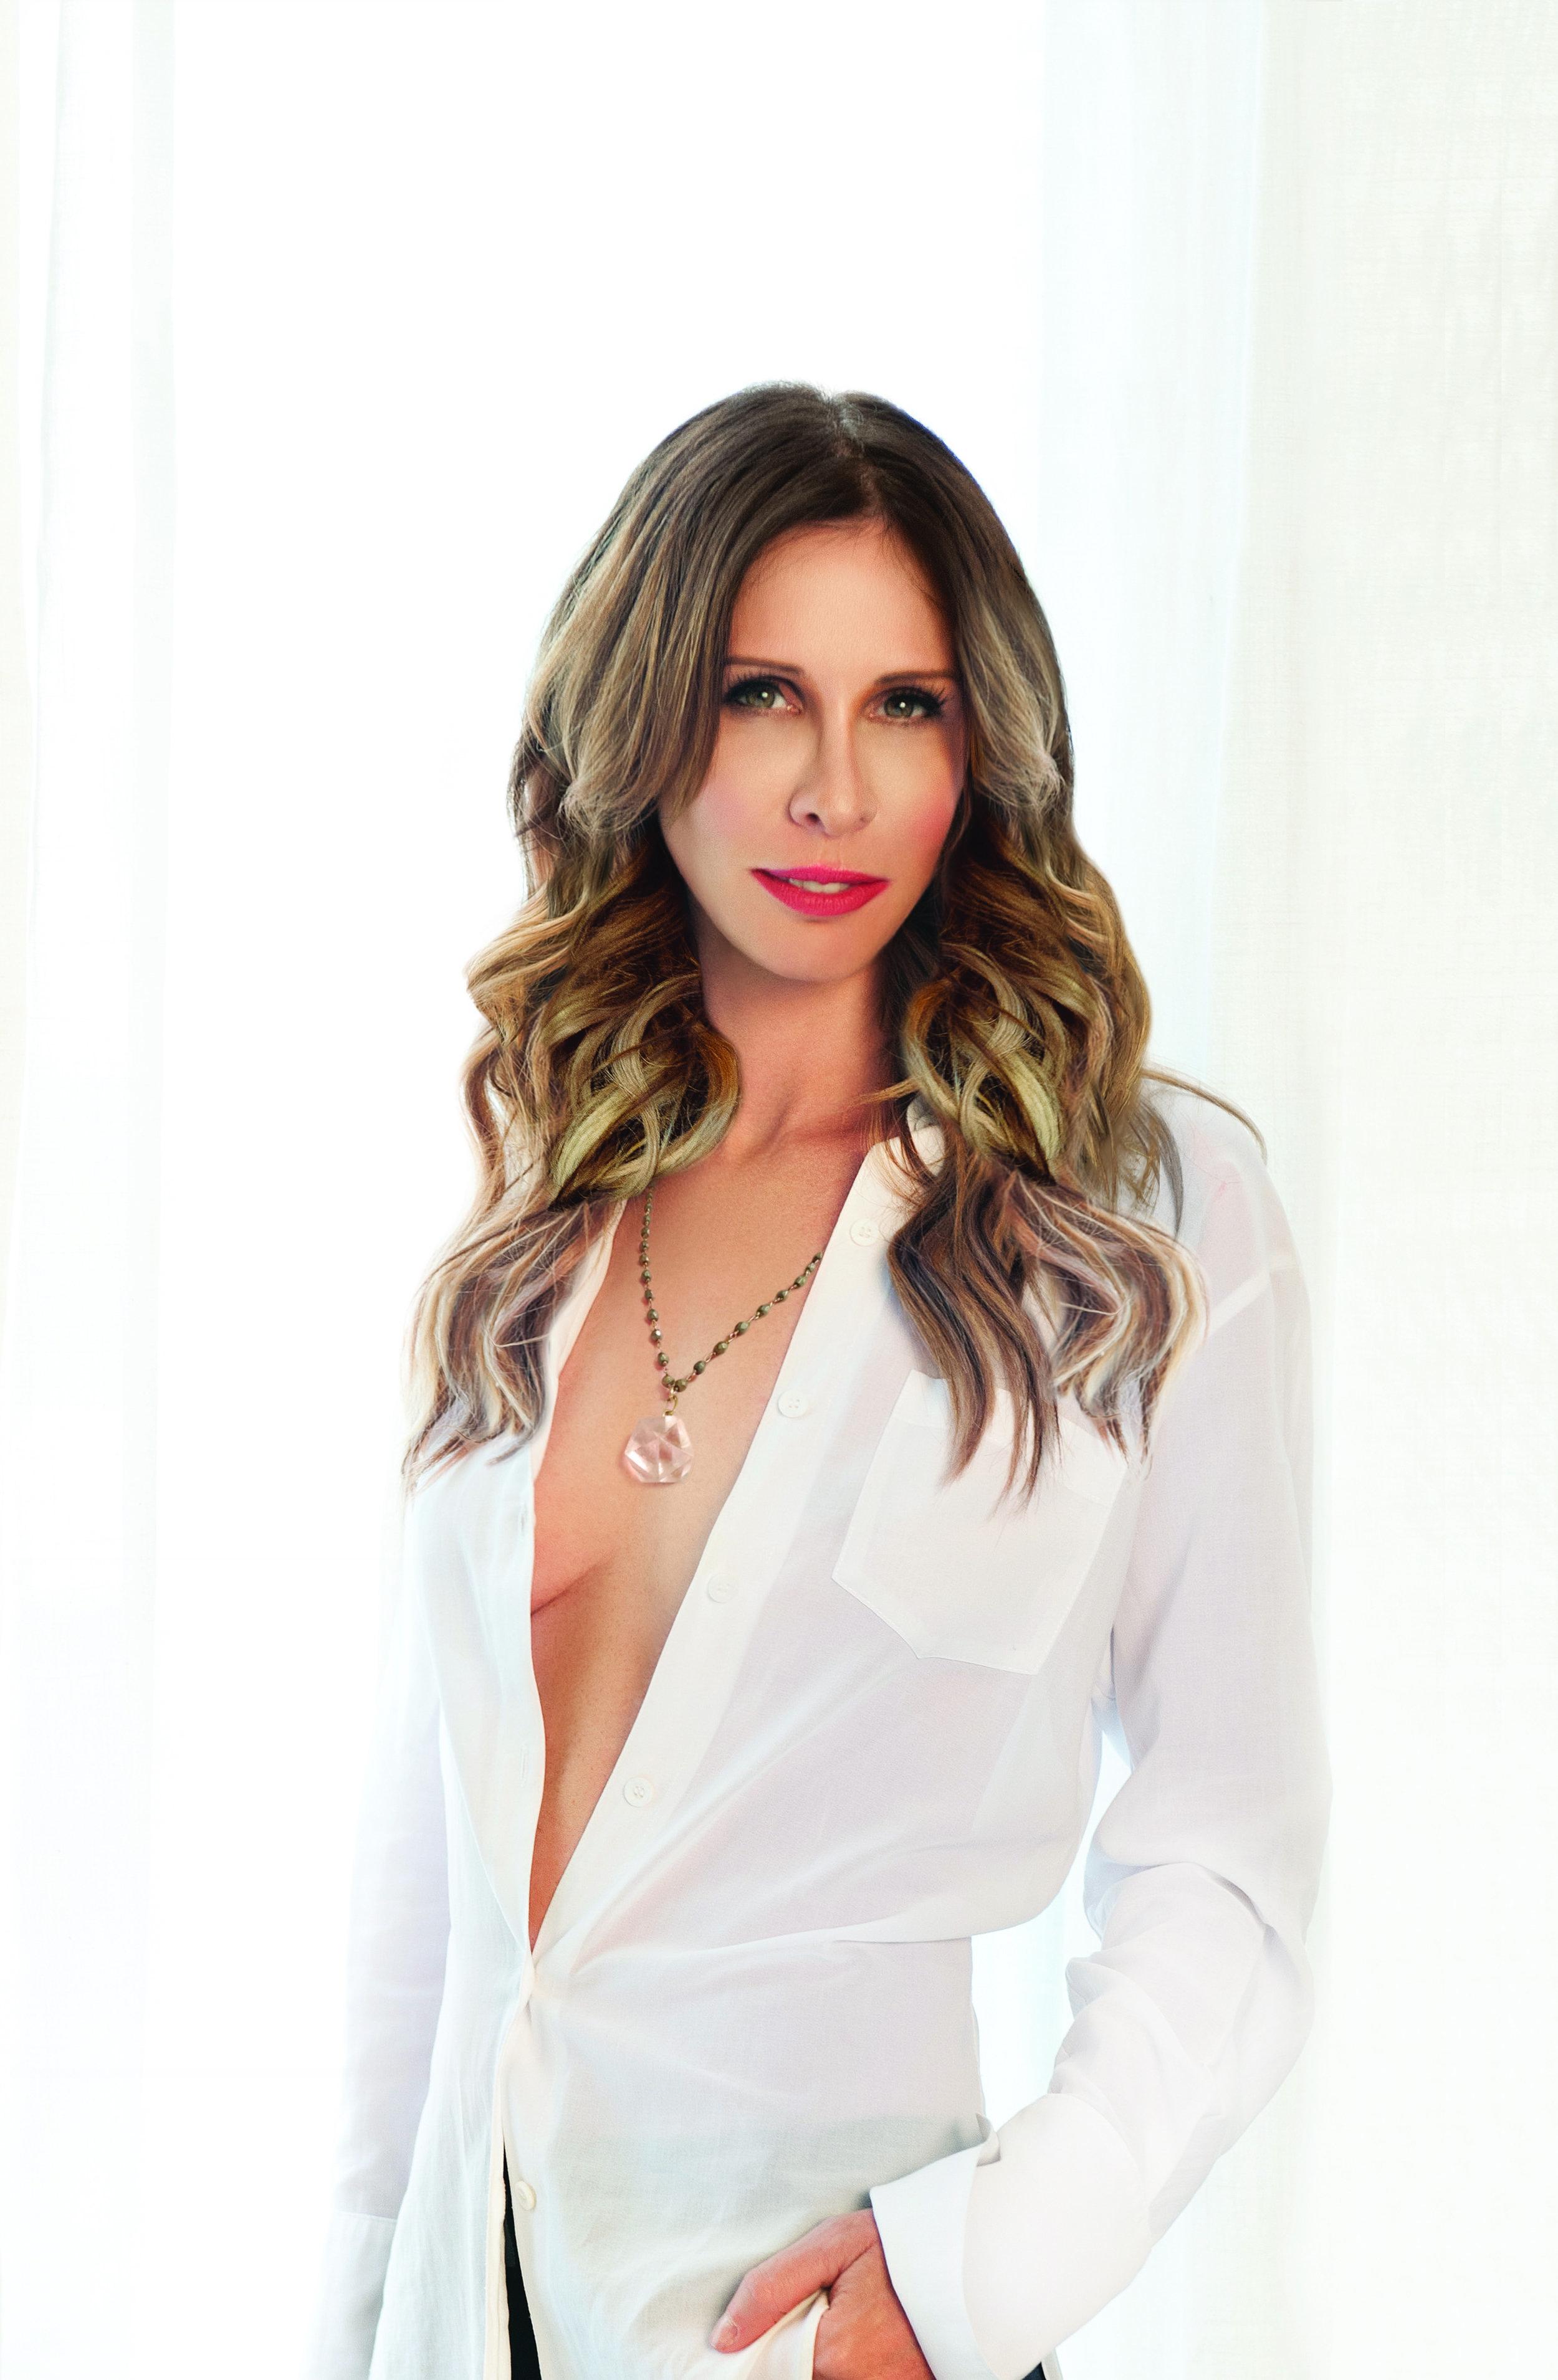 Carole for Bella Magazine (2016)